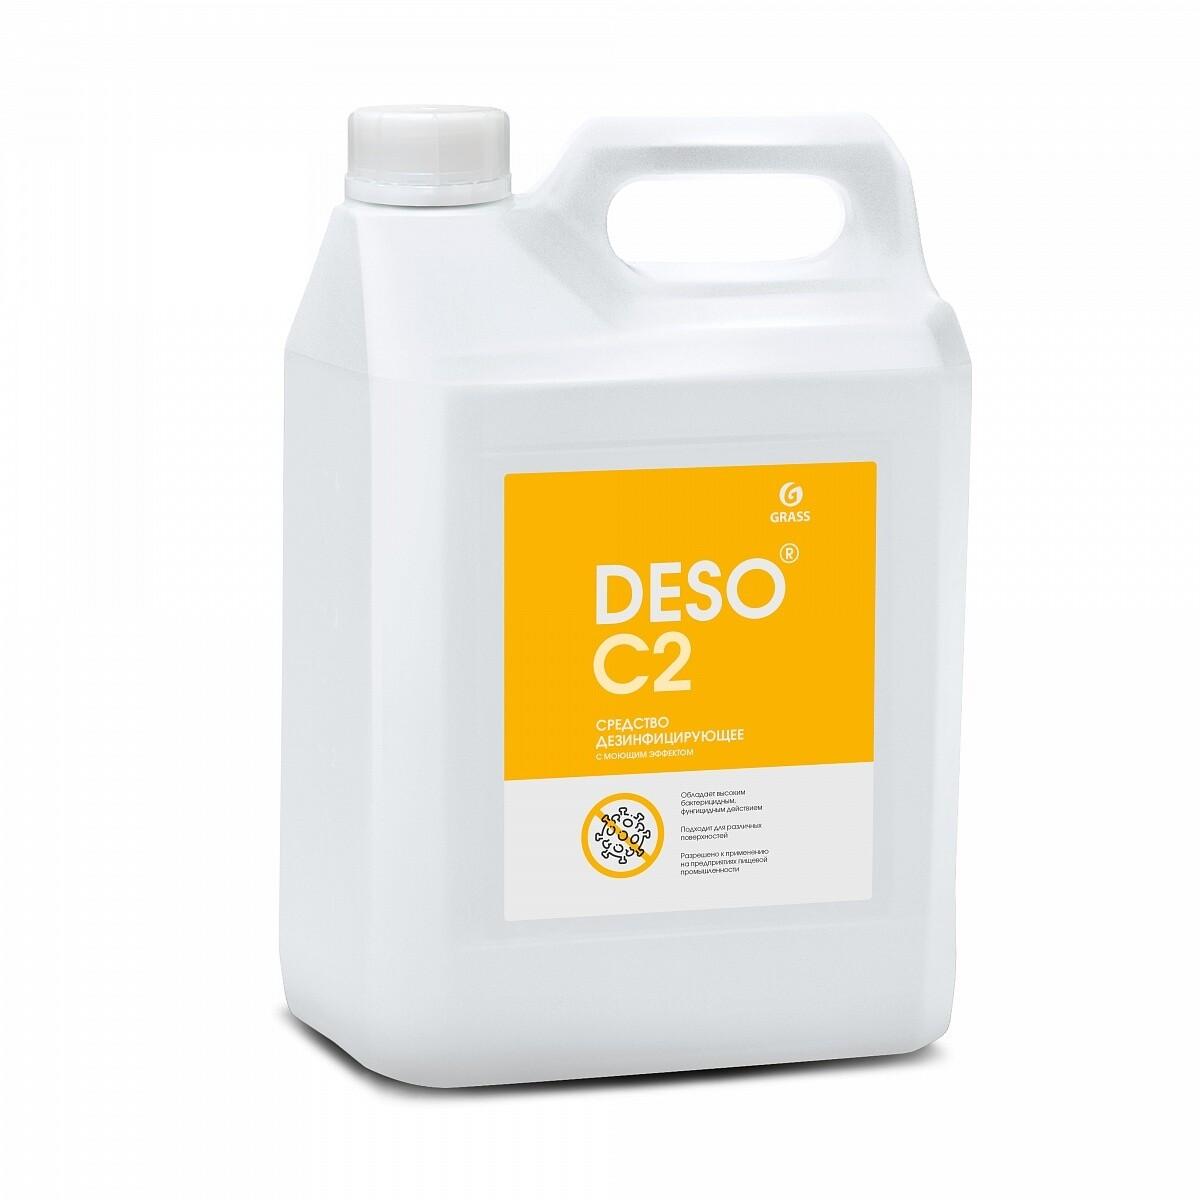 Дезинфицирующее средство с моющим эффектом на основе ЧАС DESO C2, канистра 5 л